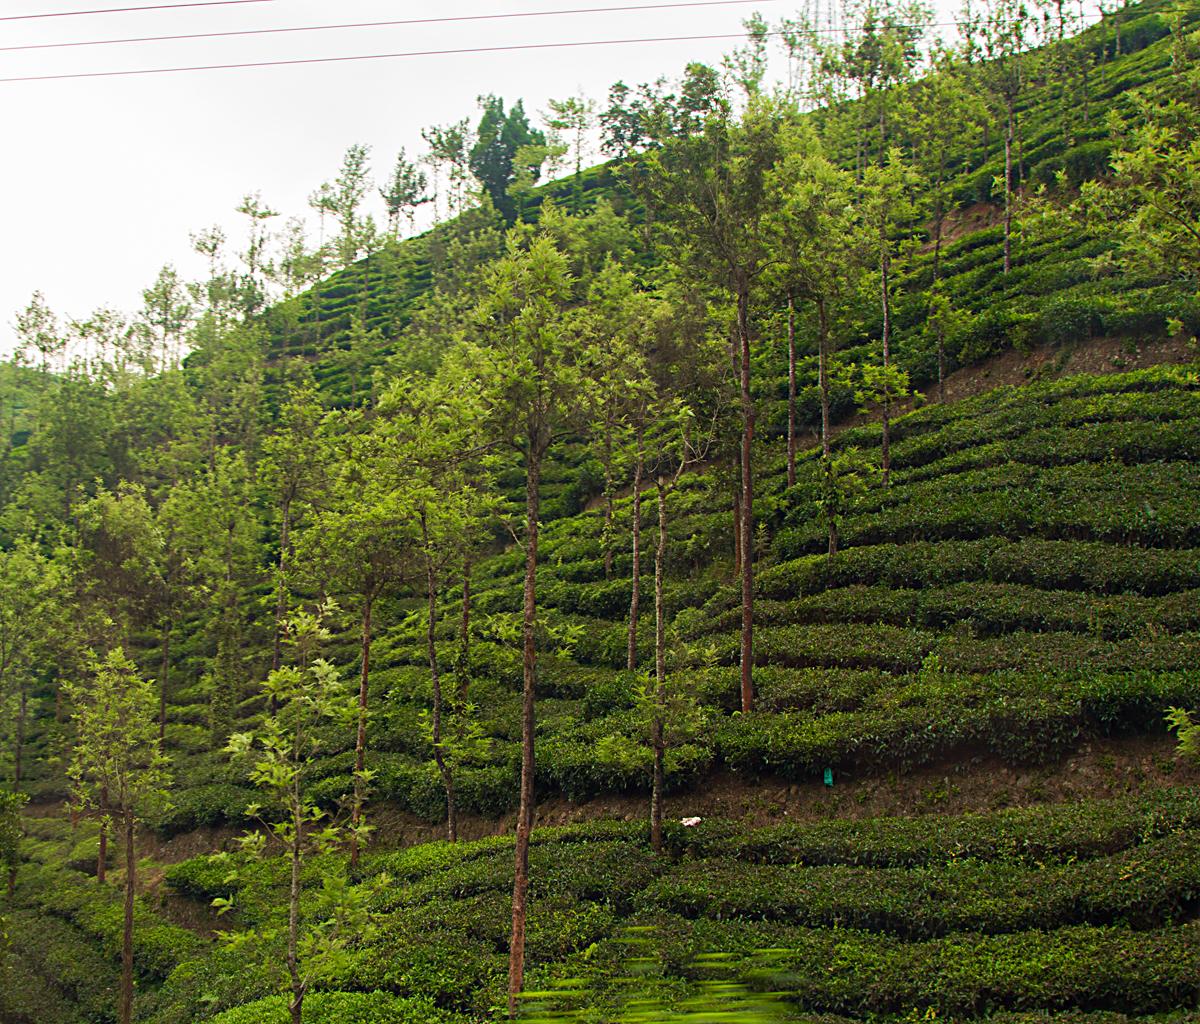 INDIEN Teeplantage FINEST-onTour 8125.jpg